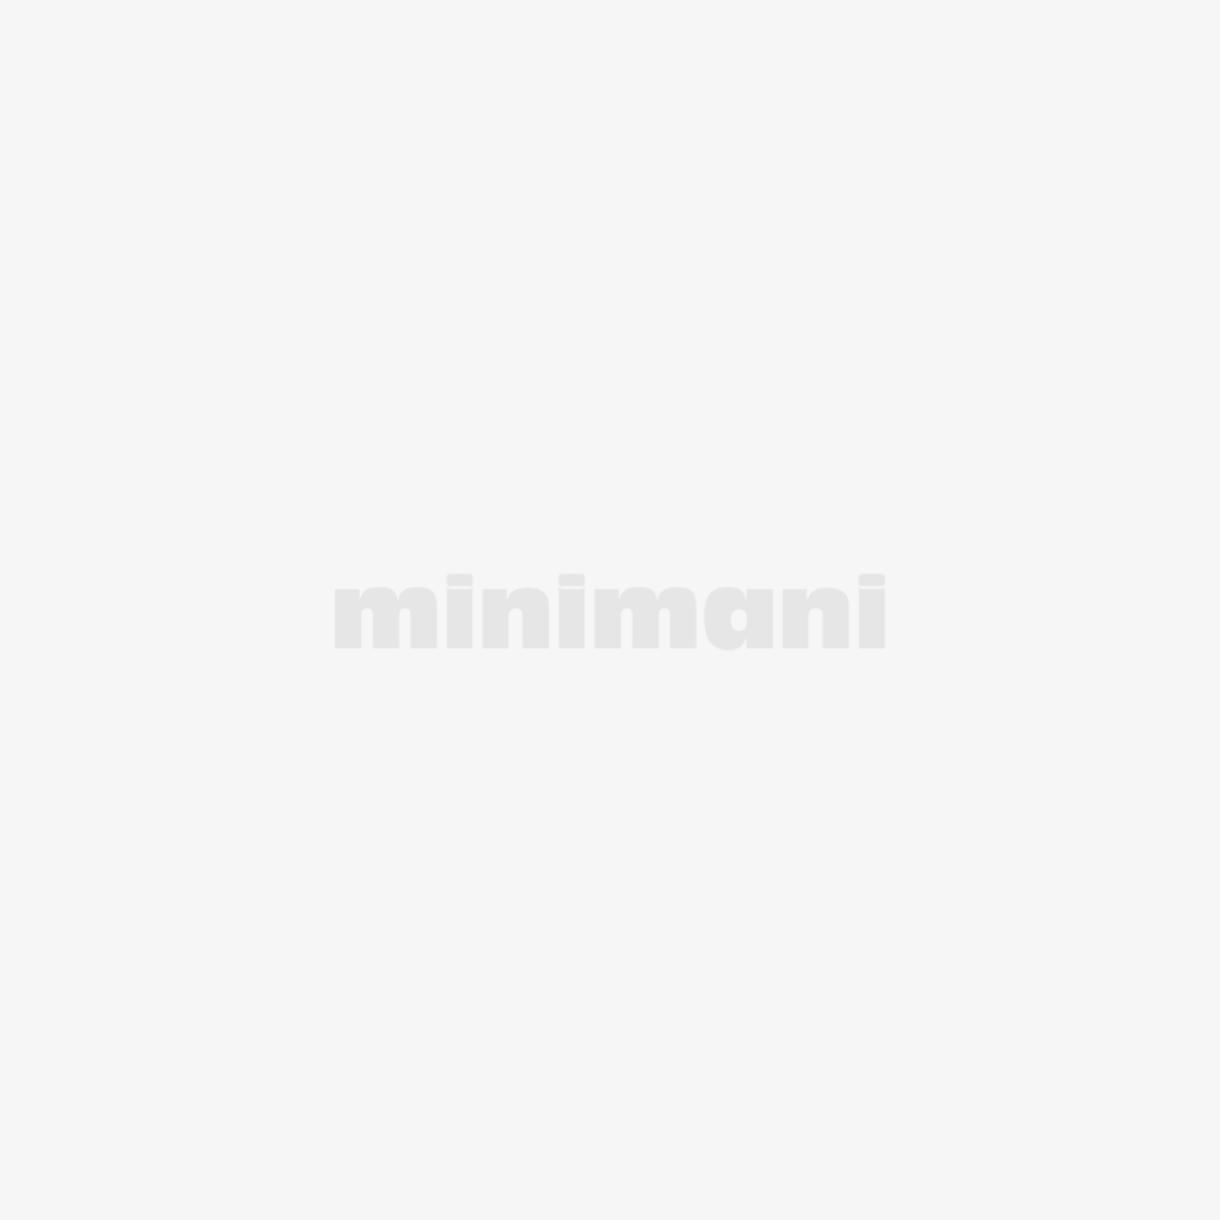 PERMANENT AMPIAIS/TUHOLAISVAAHTO